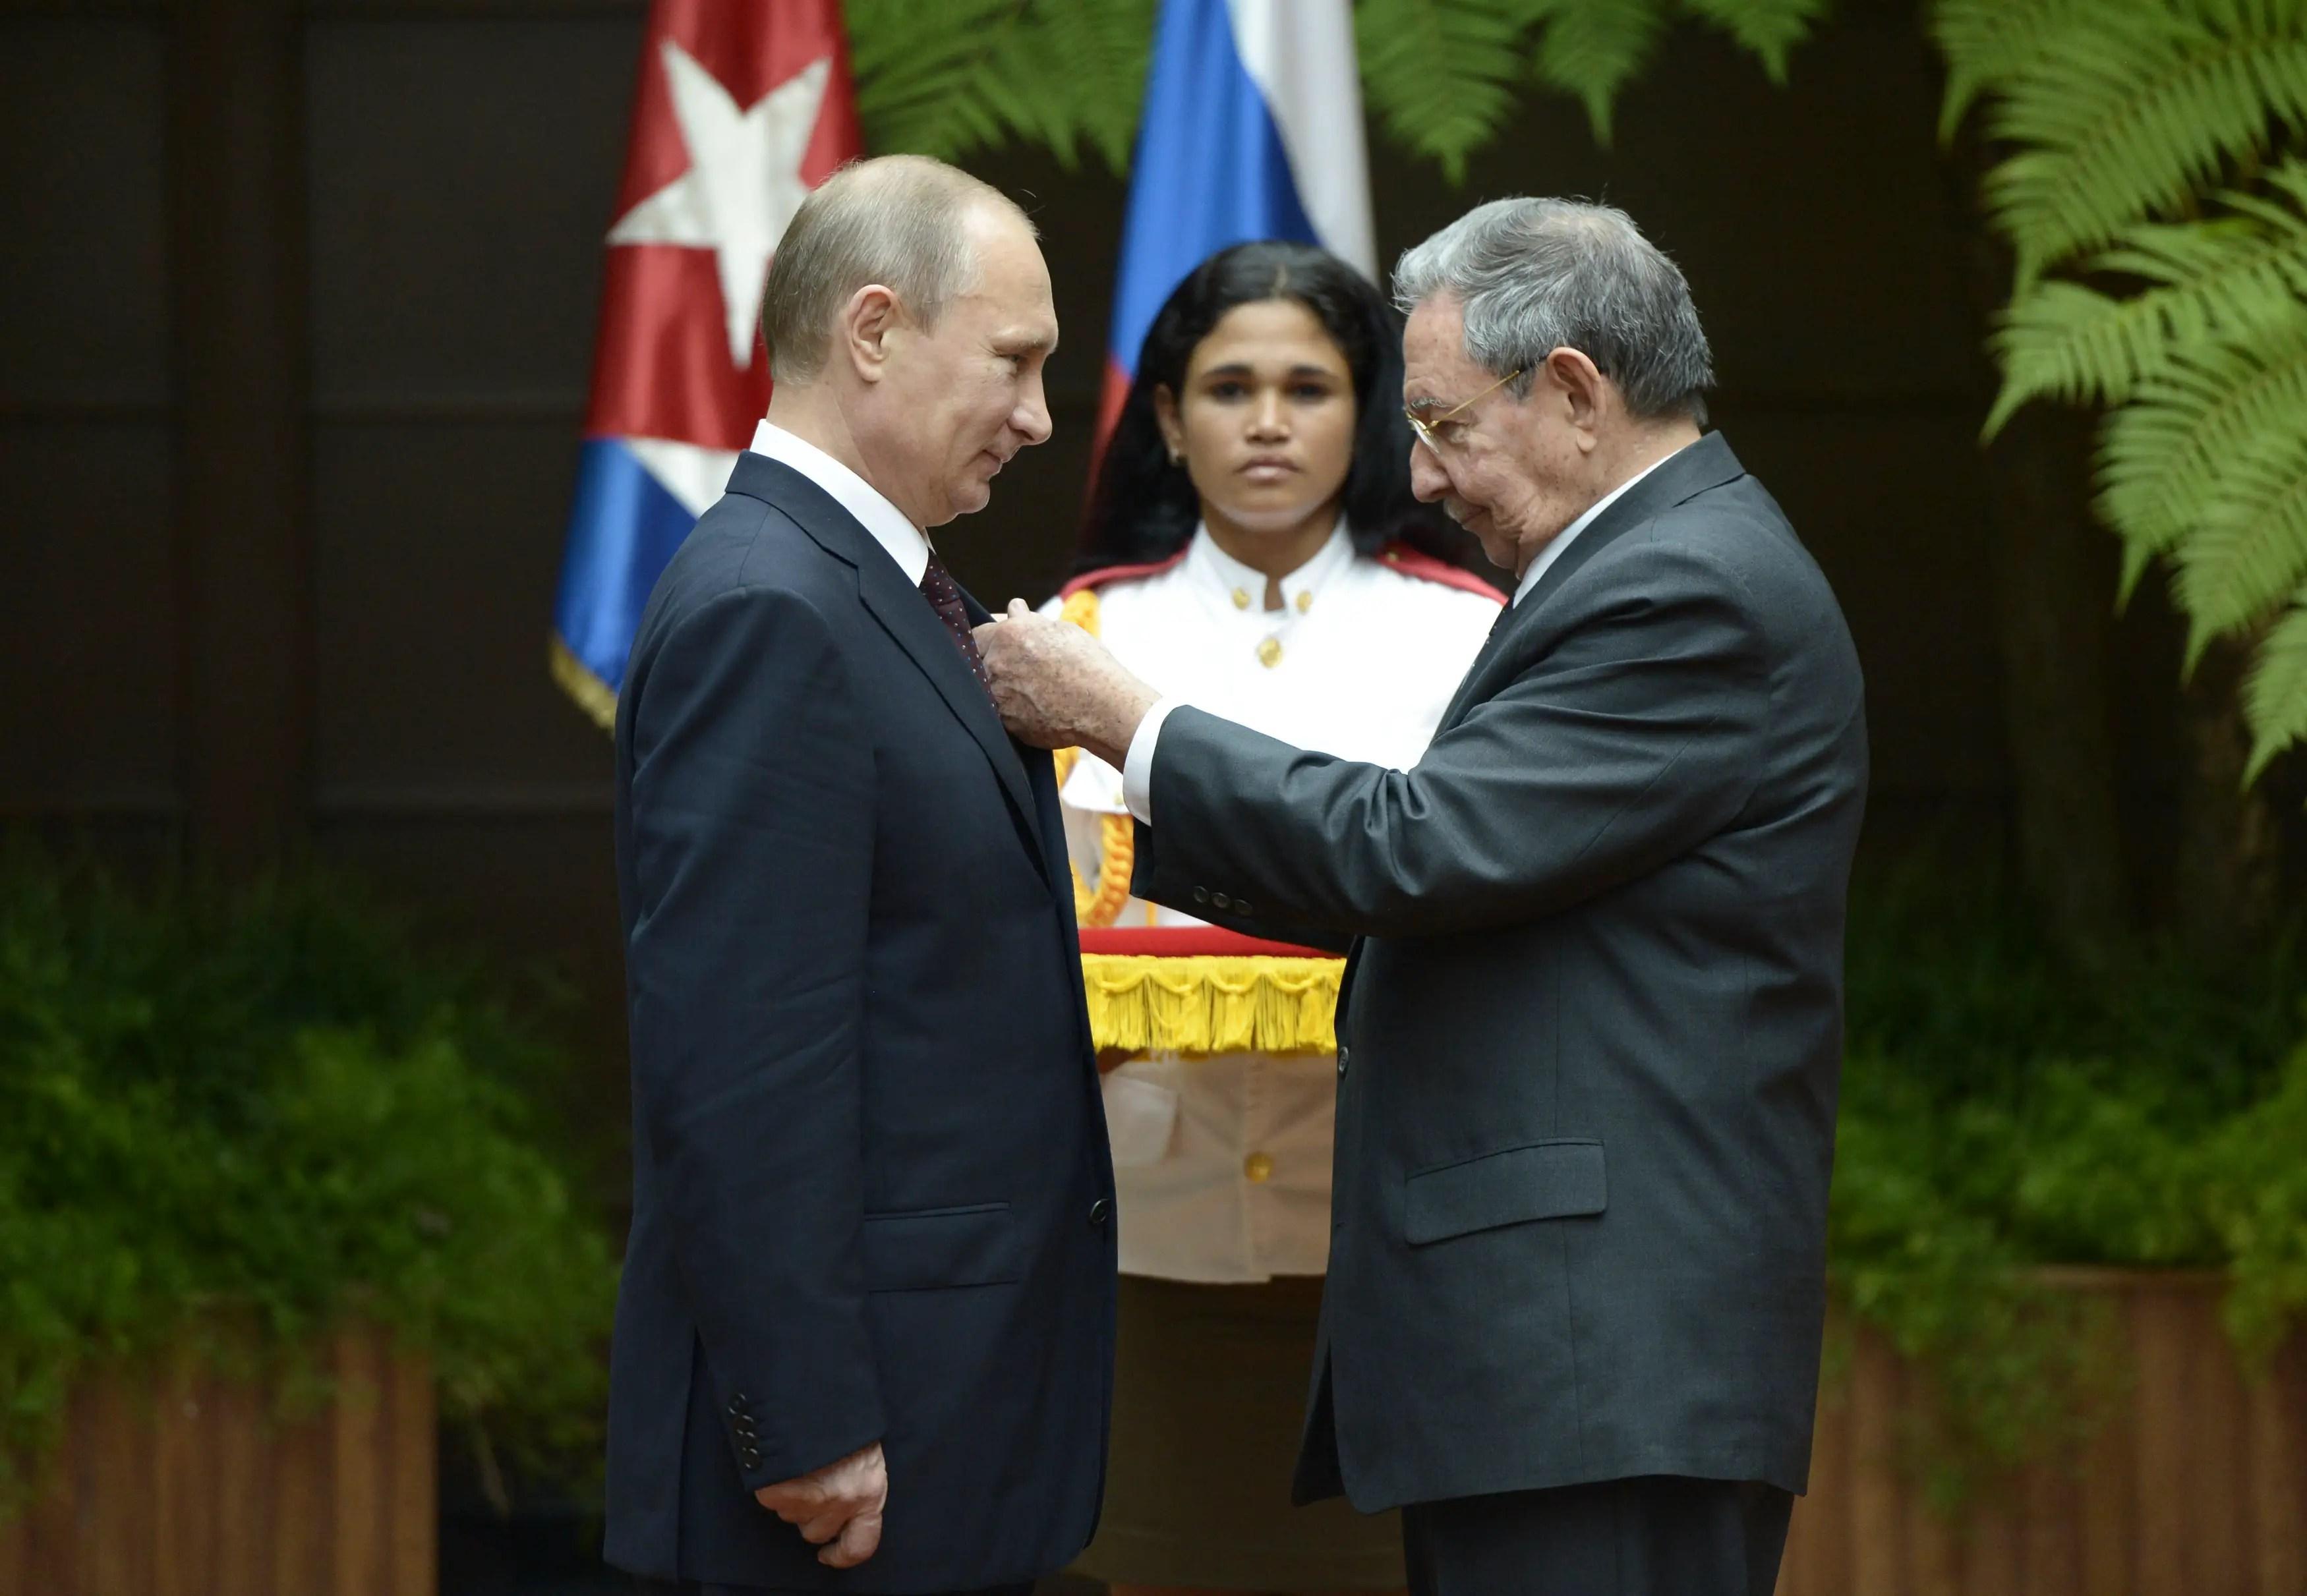 Russia Cuba Vladimir Putin Raul Castro